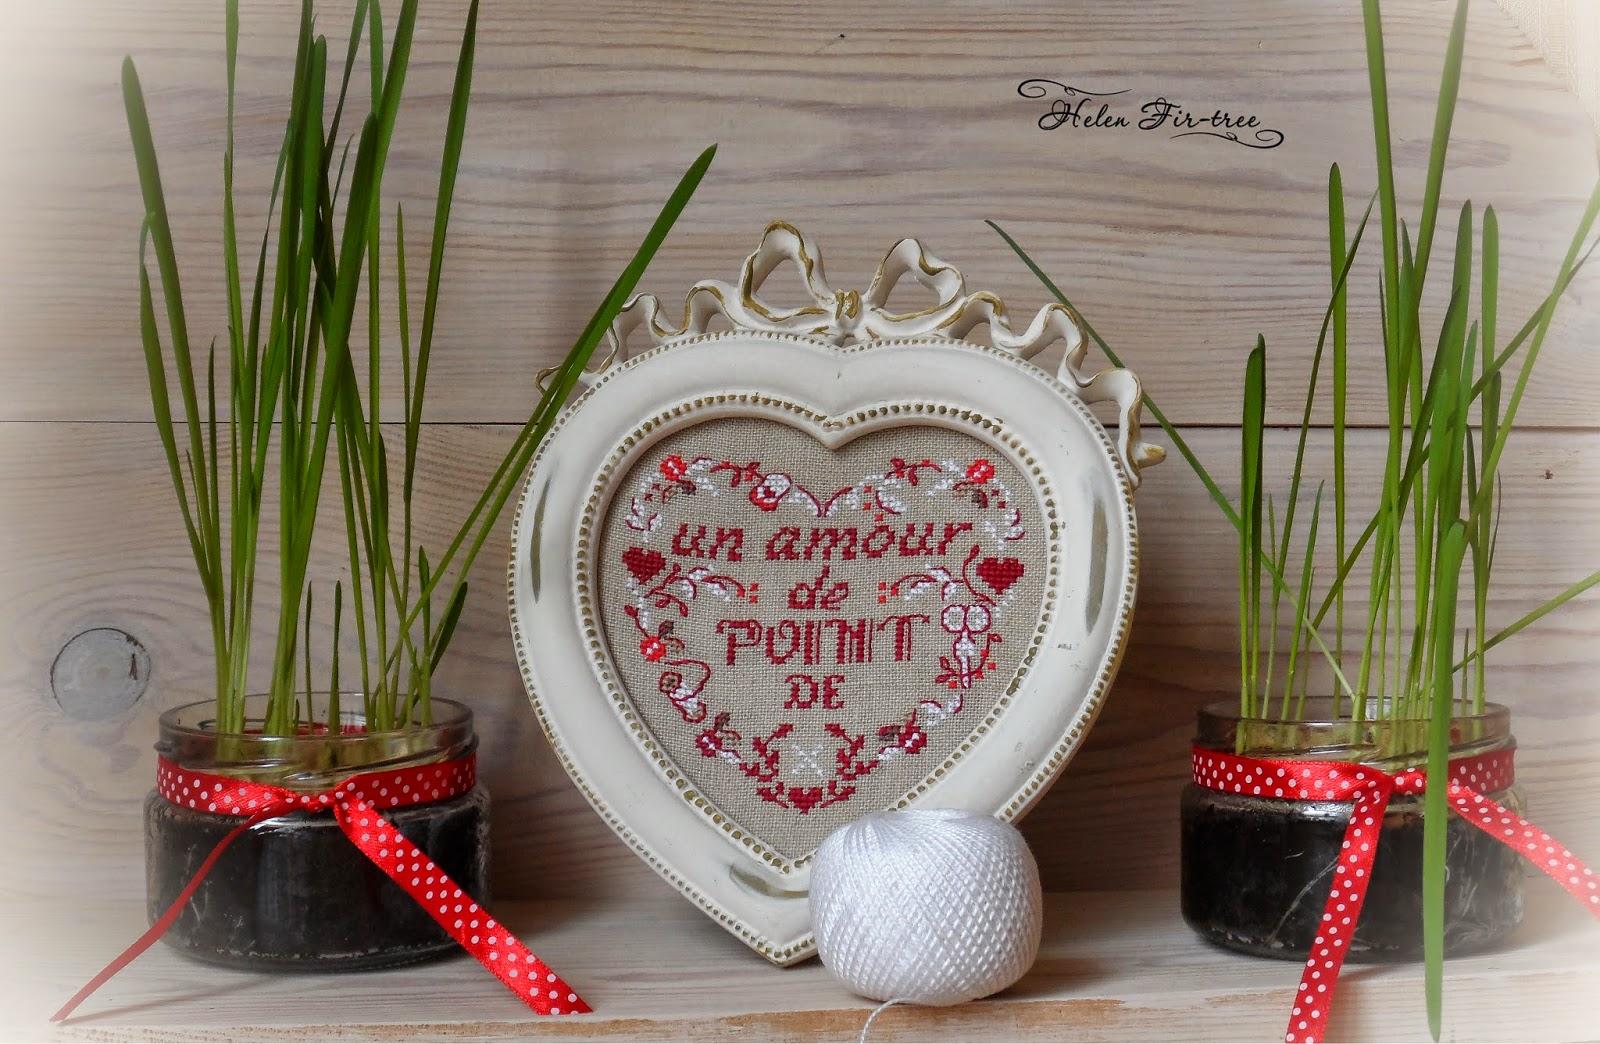 Helen Fir-tree вышивка счётным крестом un amour de point de